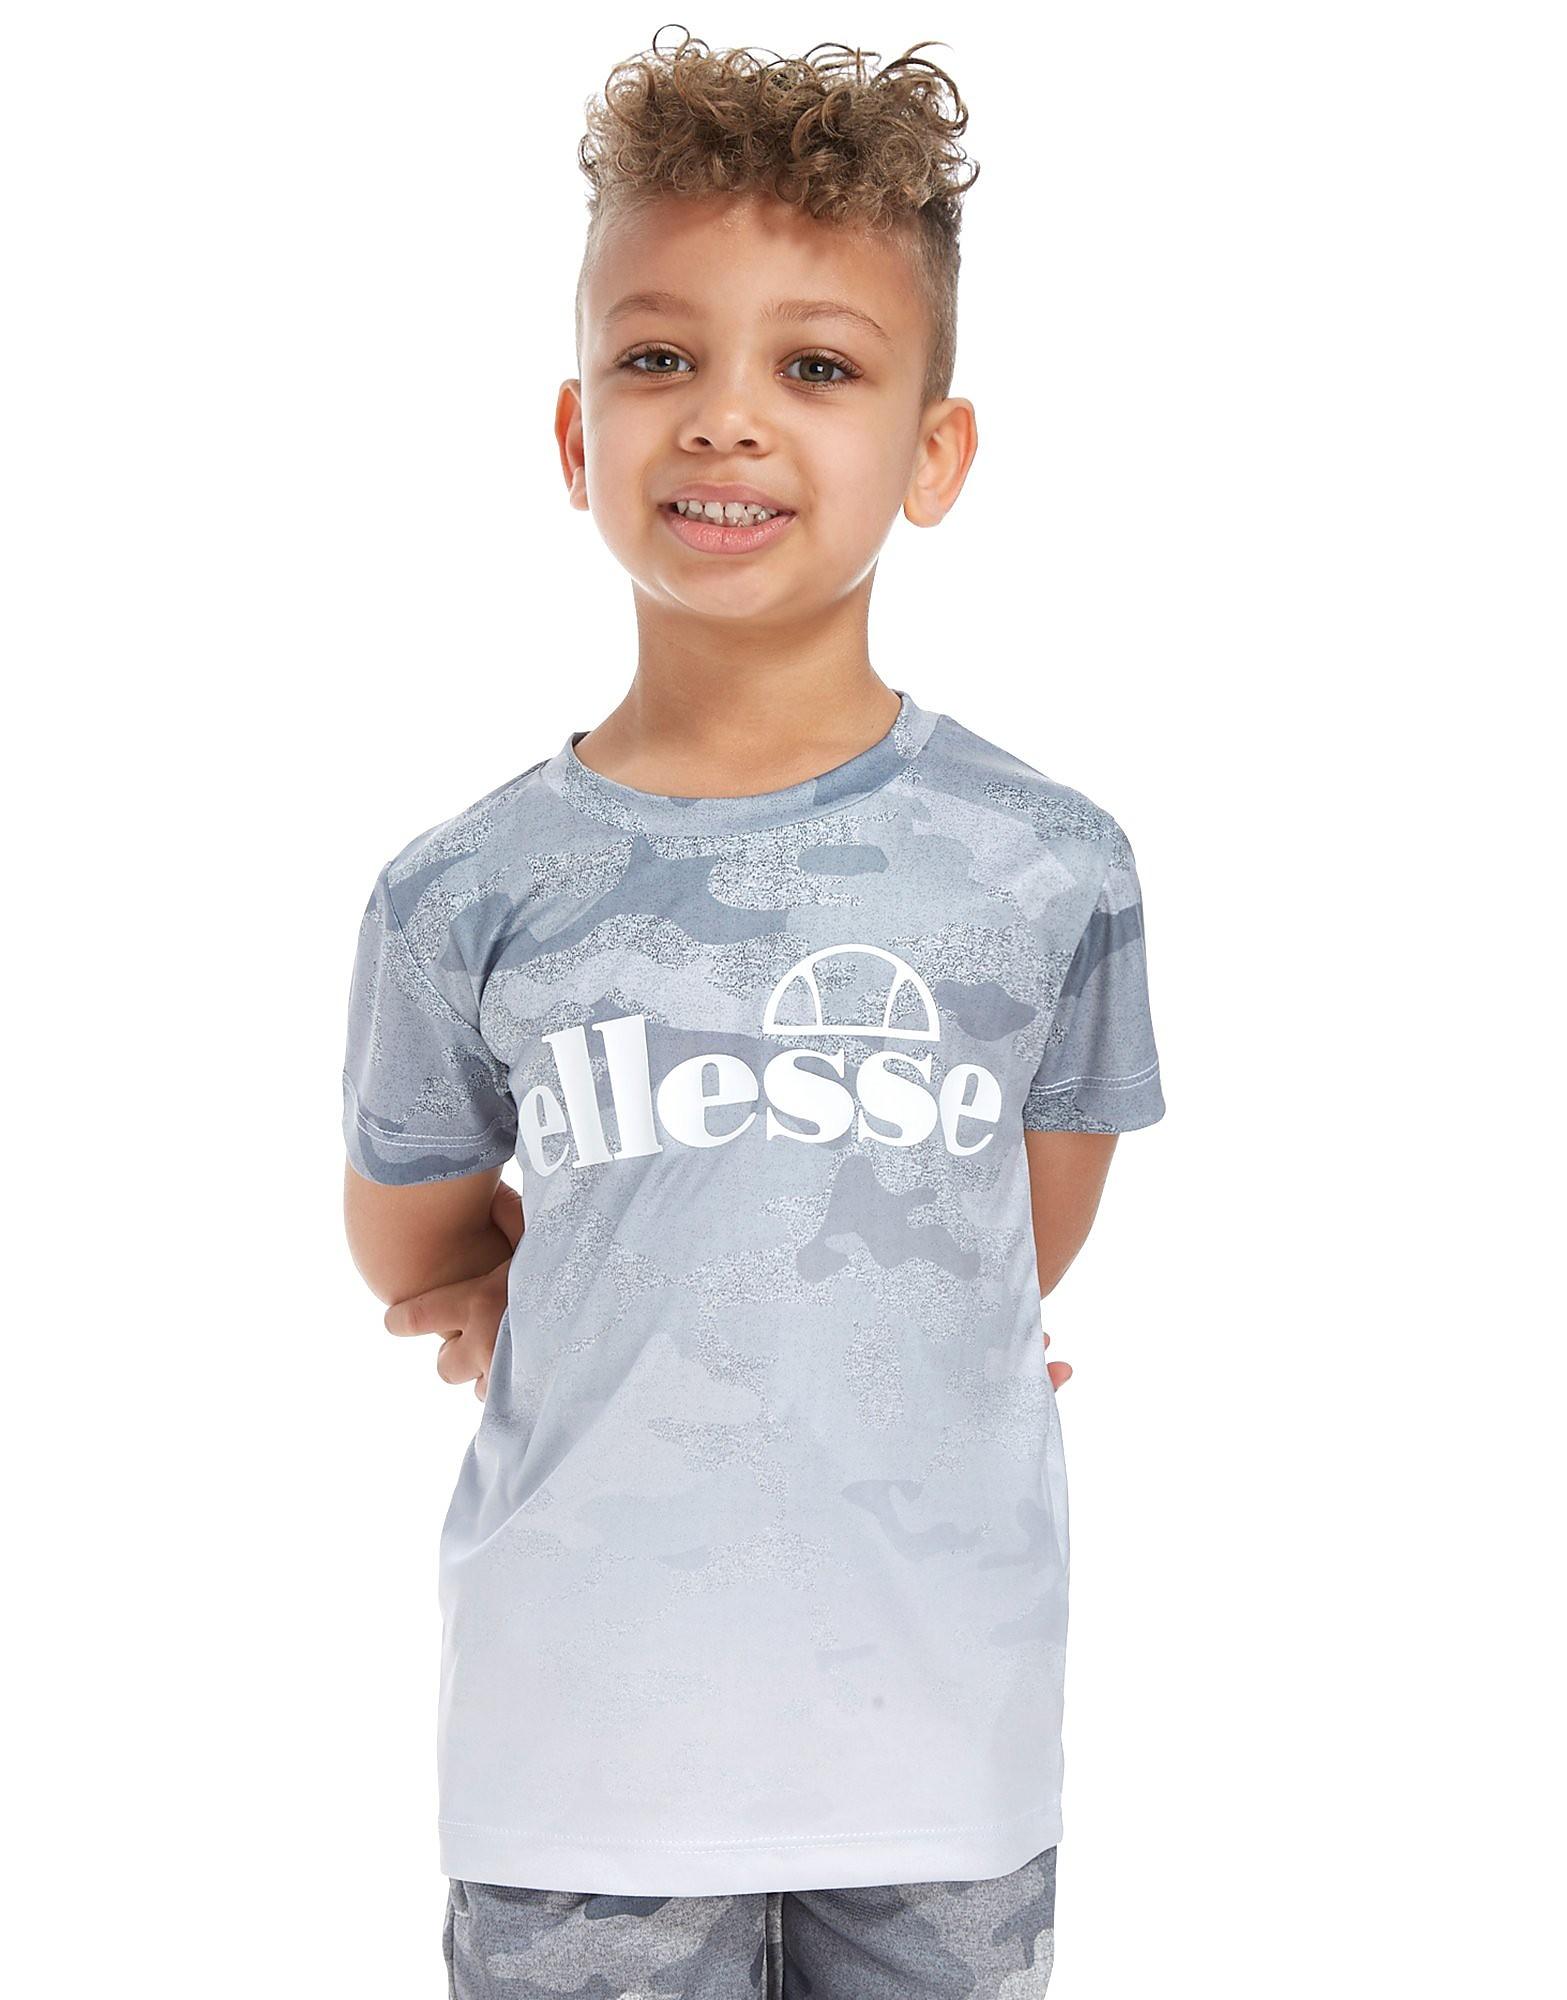 Ellesse camiseta Puccio Fade Camo infantil